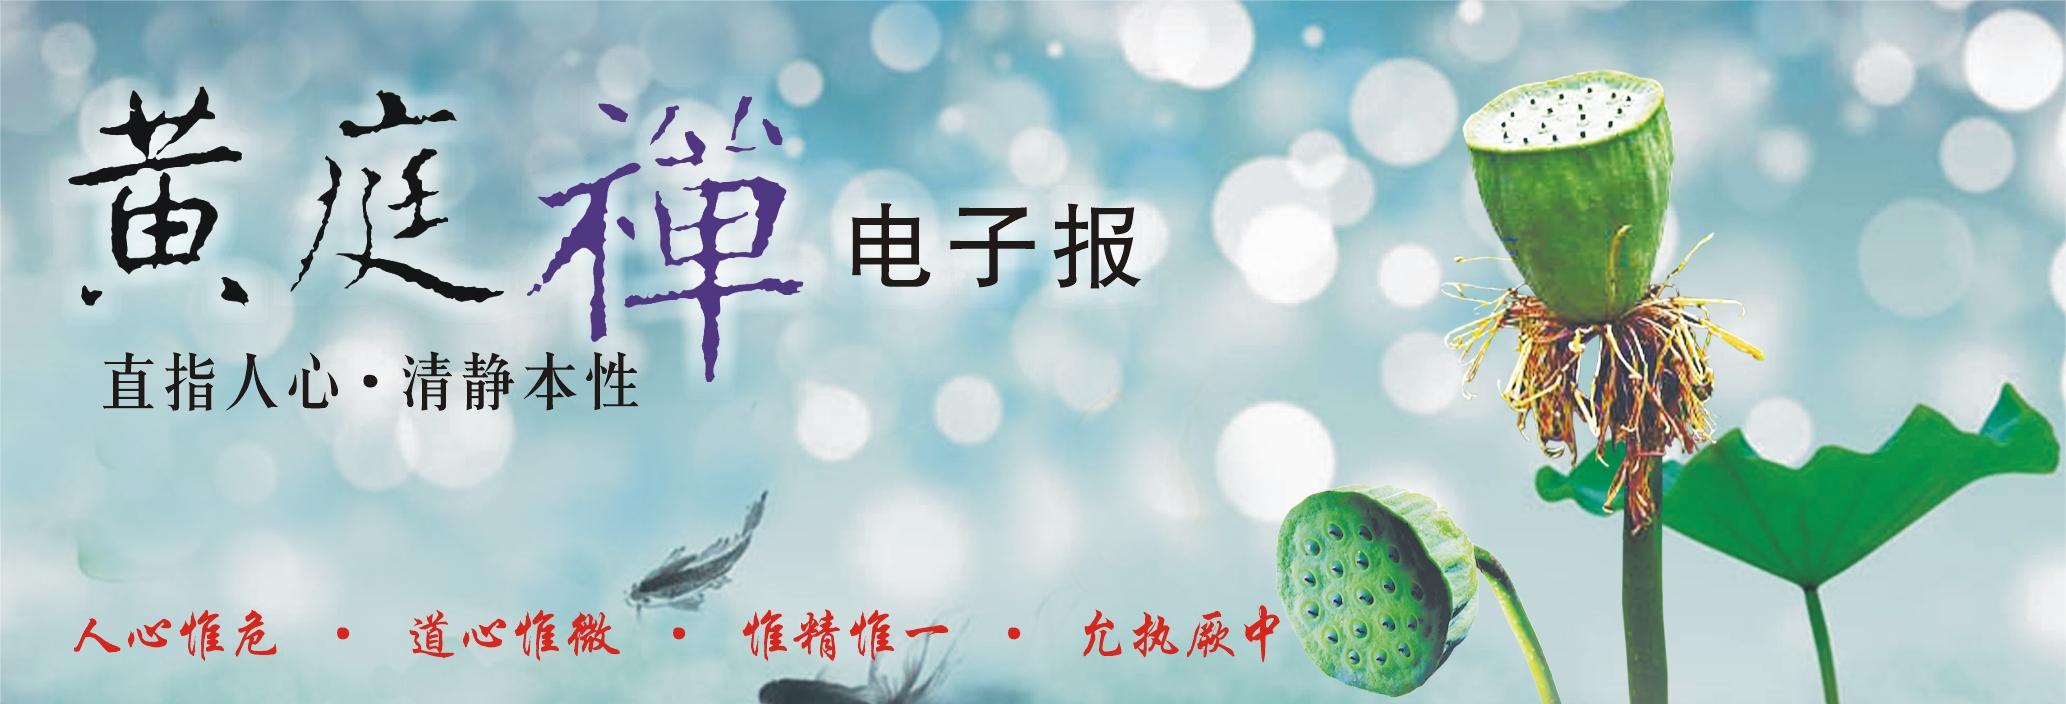 中华黄庭禅学会2017.08.21电子报